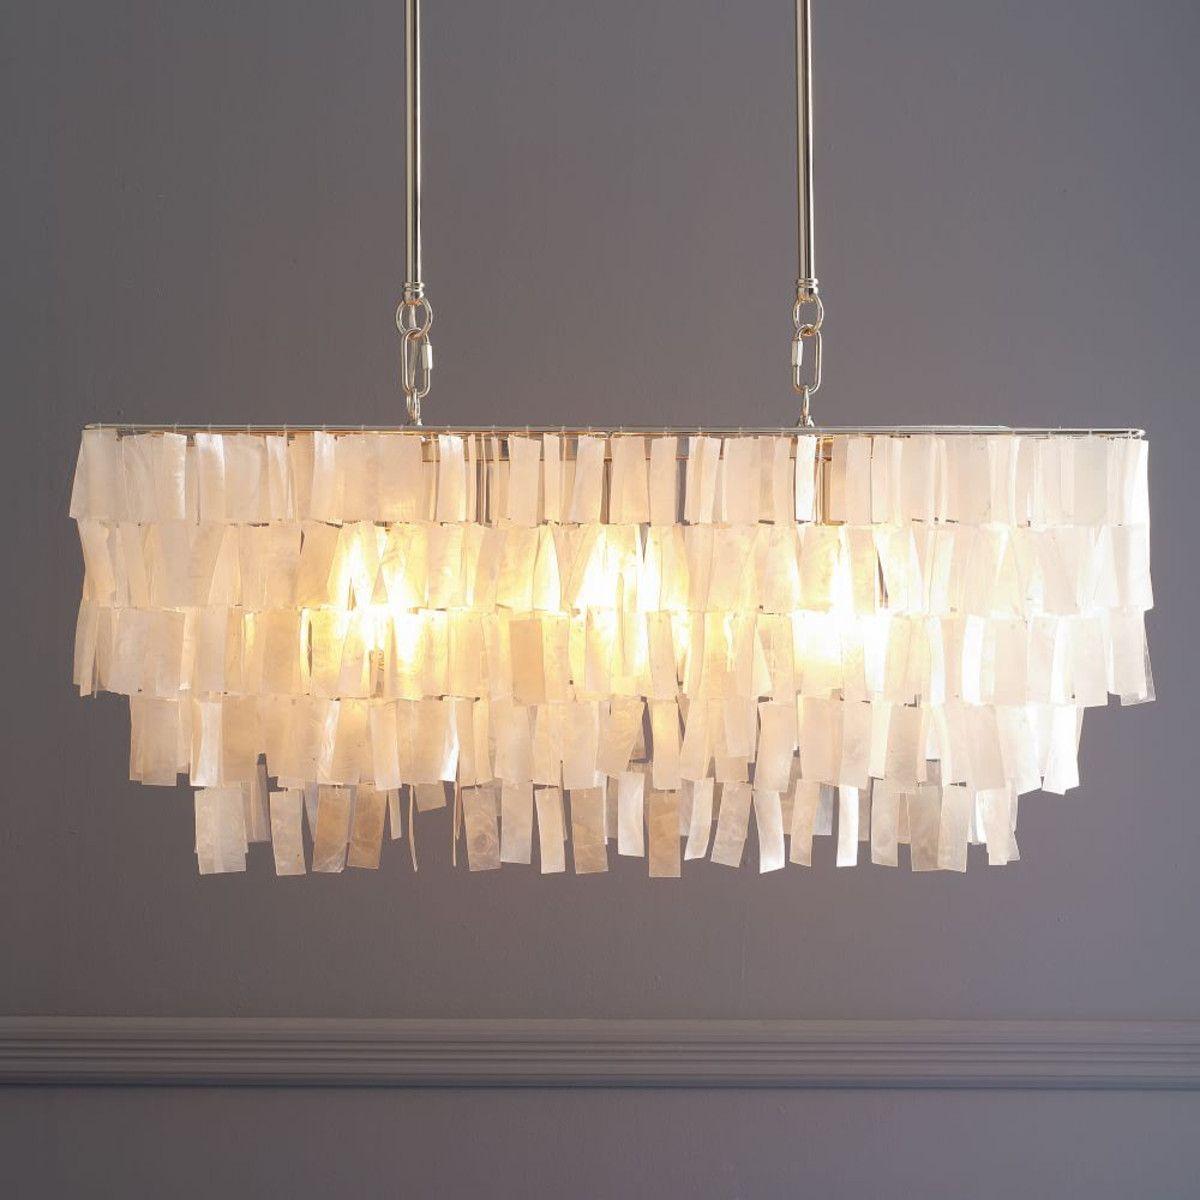 Large rectangle hanging capiz chandelier white pinterest large rectangle hanging capiz chandelier white arubaitofo Choice Image